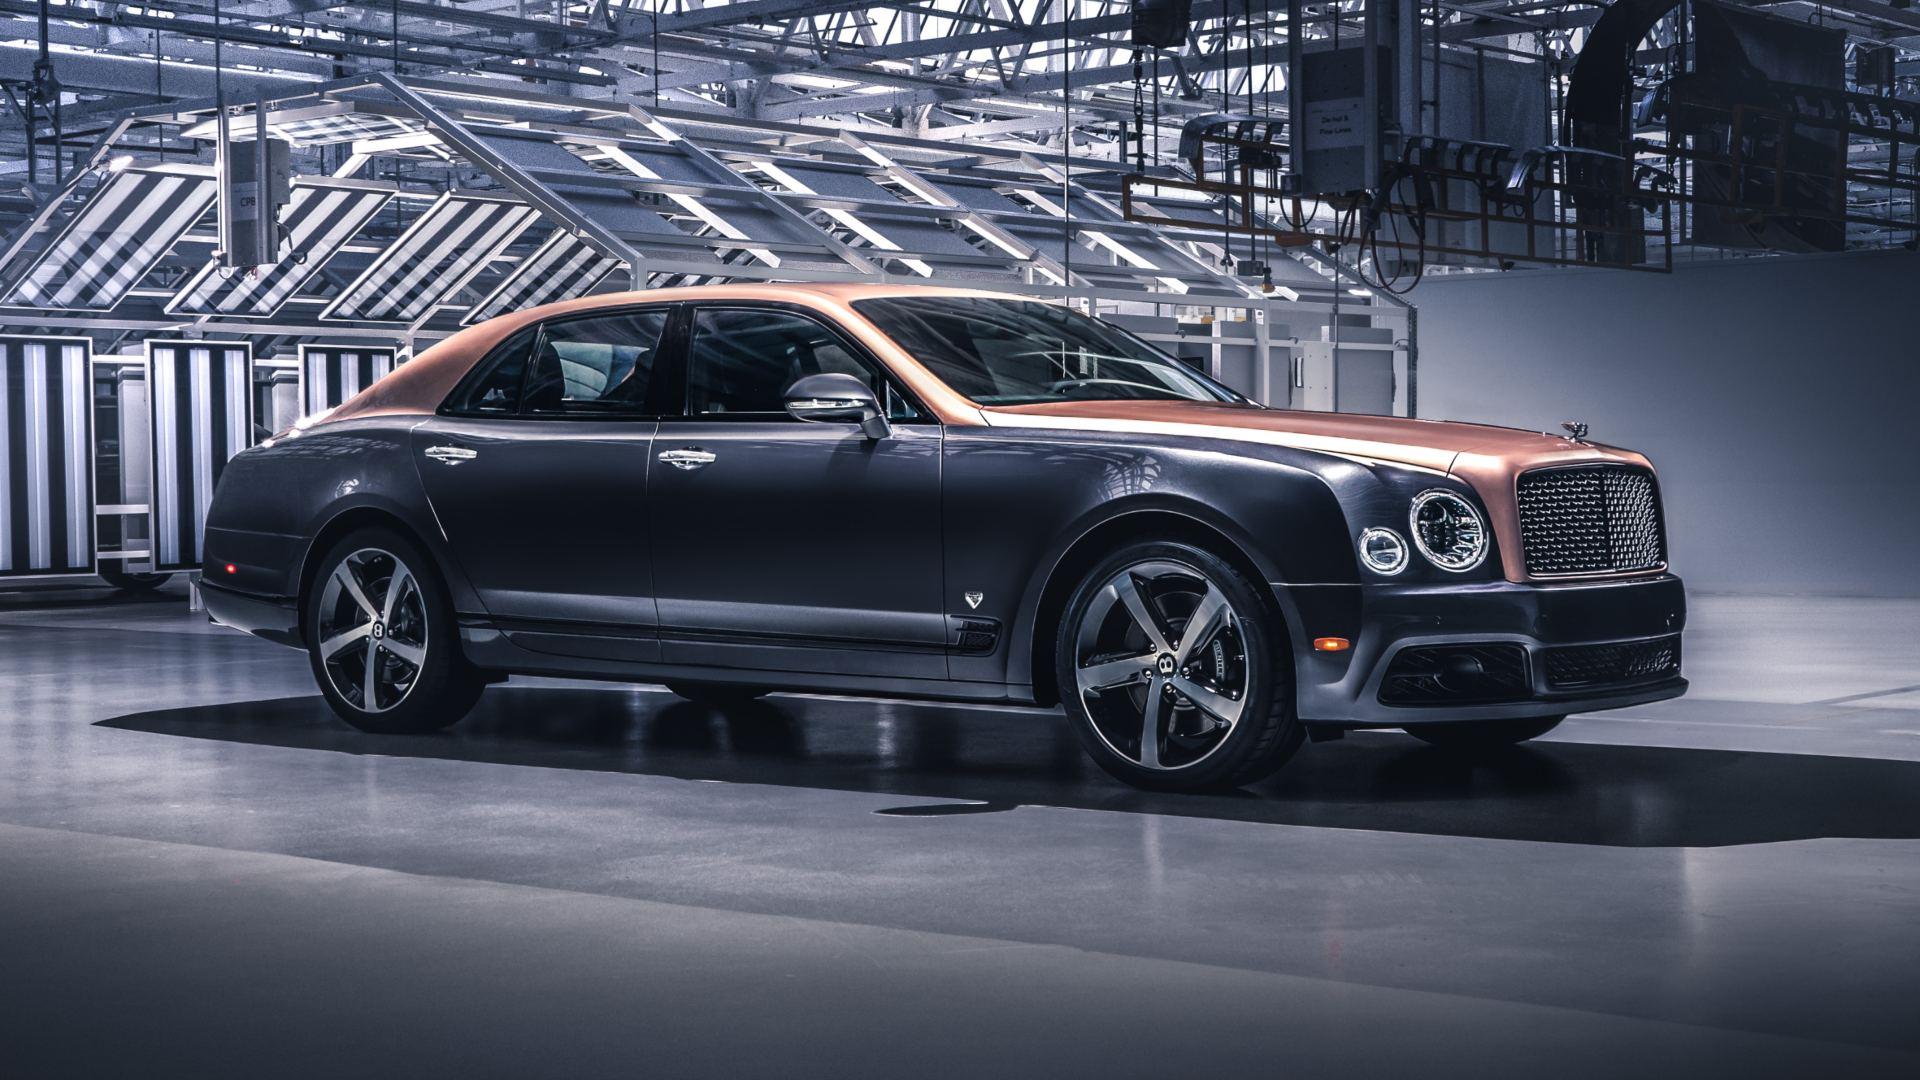 El Bentley Mulsanne llega al final de su producción